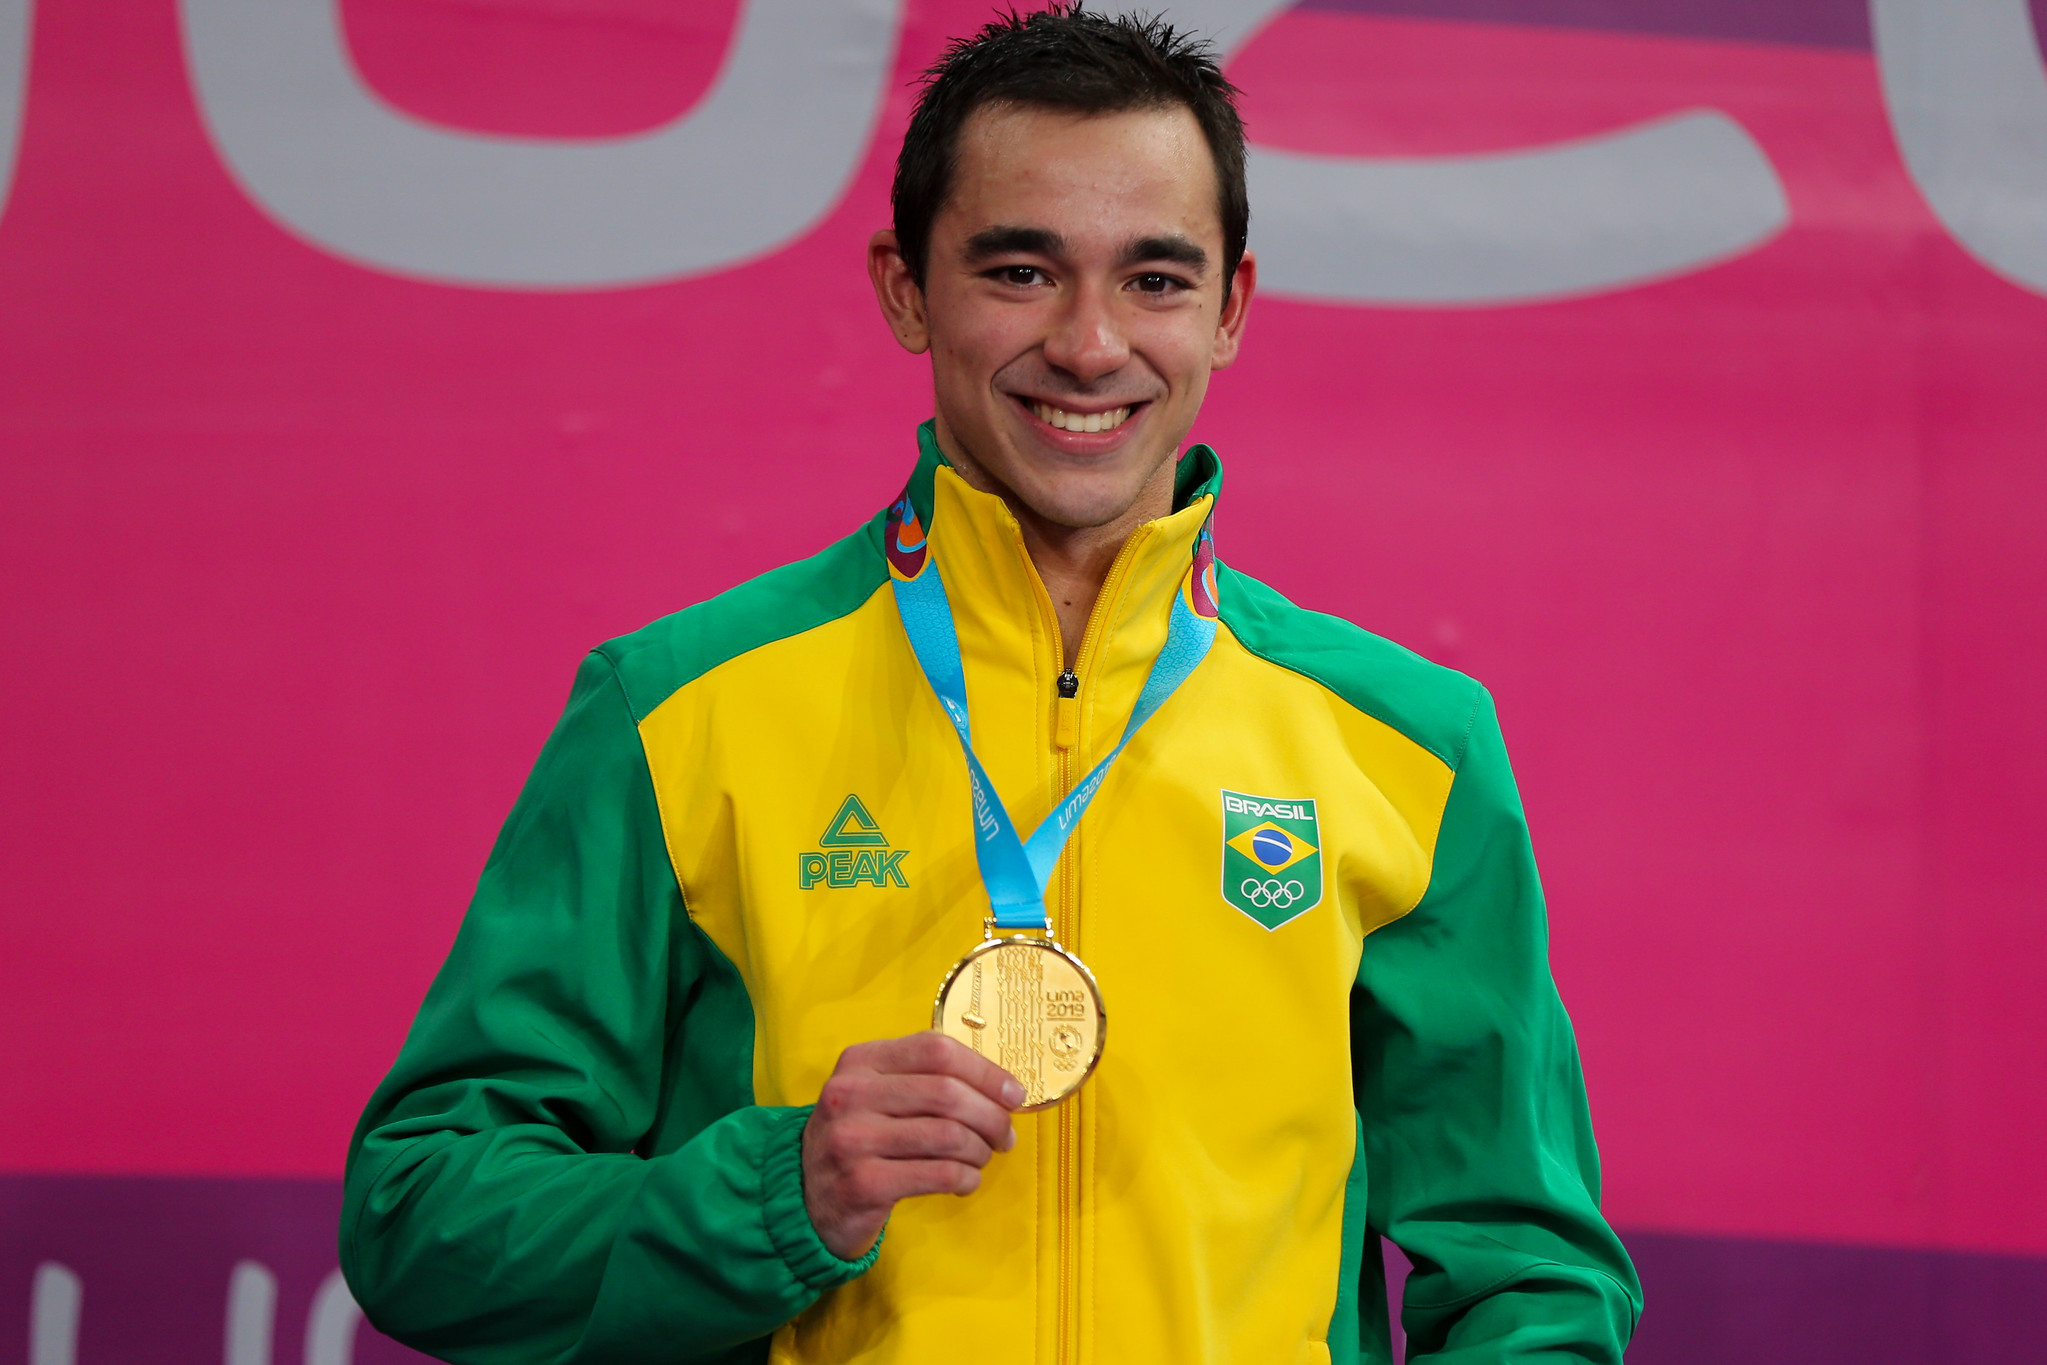 Hugo Calderano se garantiu em Tóquio-2020 com o ouro individual no Pan de Lima (Crédito: Abelardo Mendes Jr/ rededoesporte.gov.br)